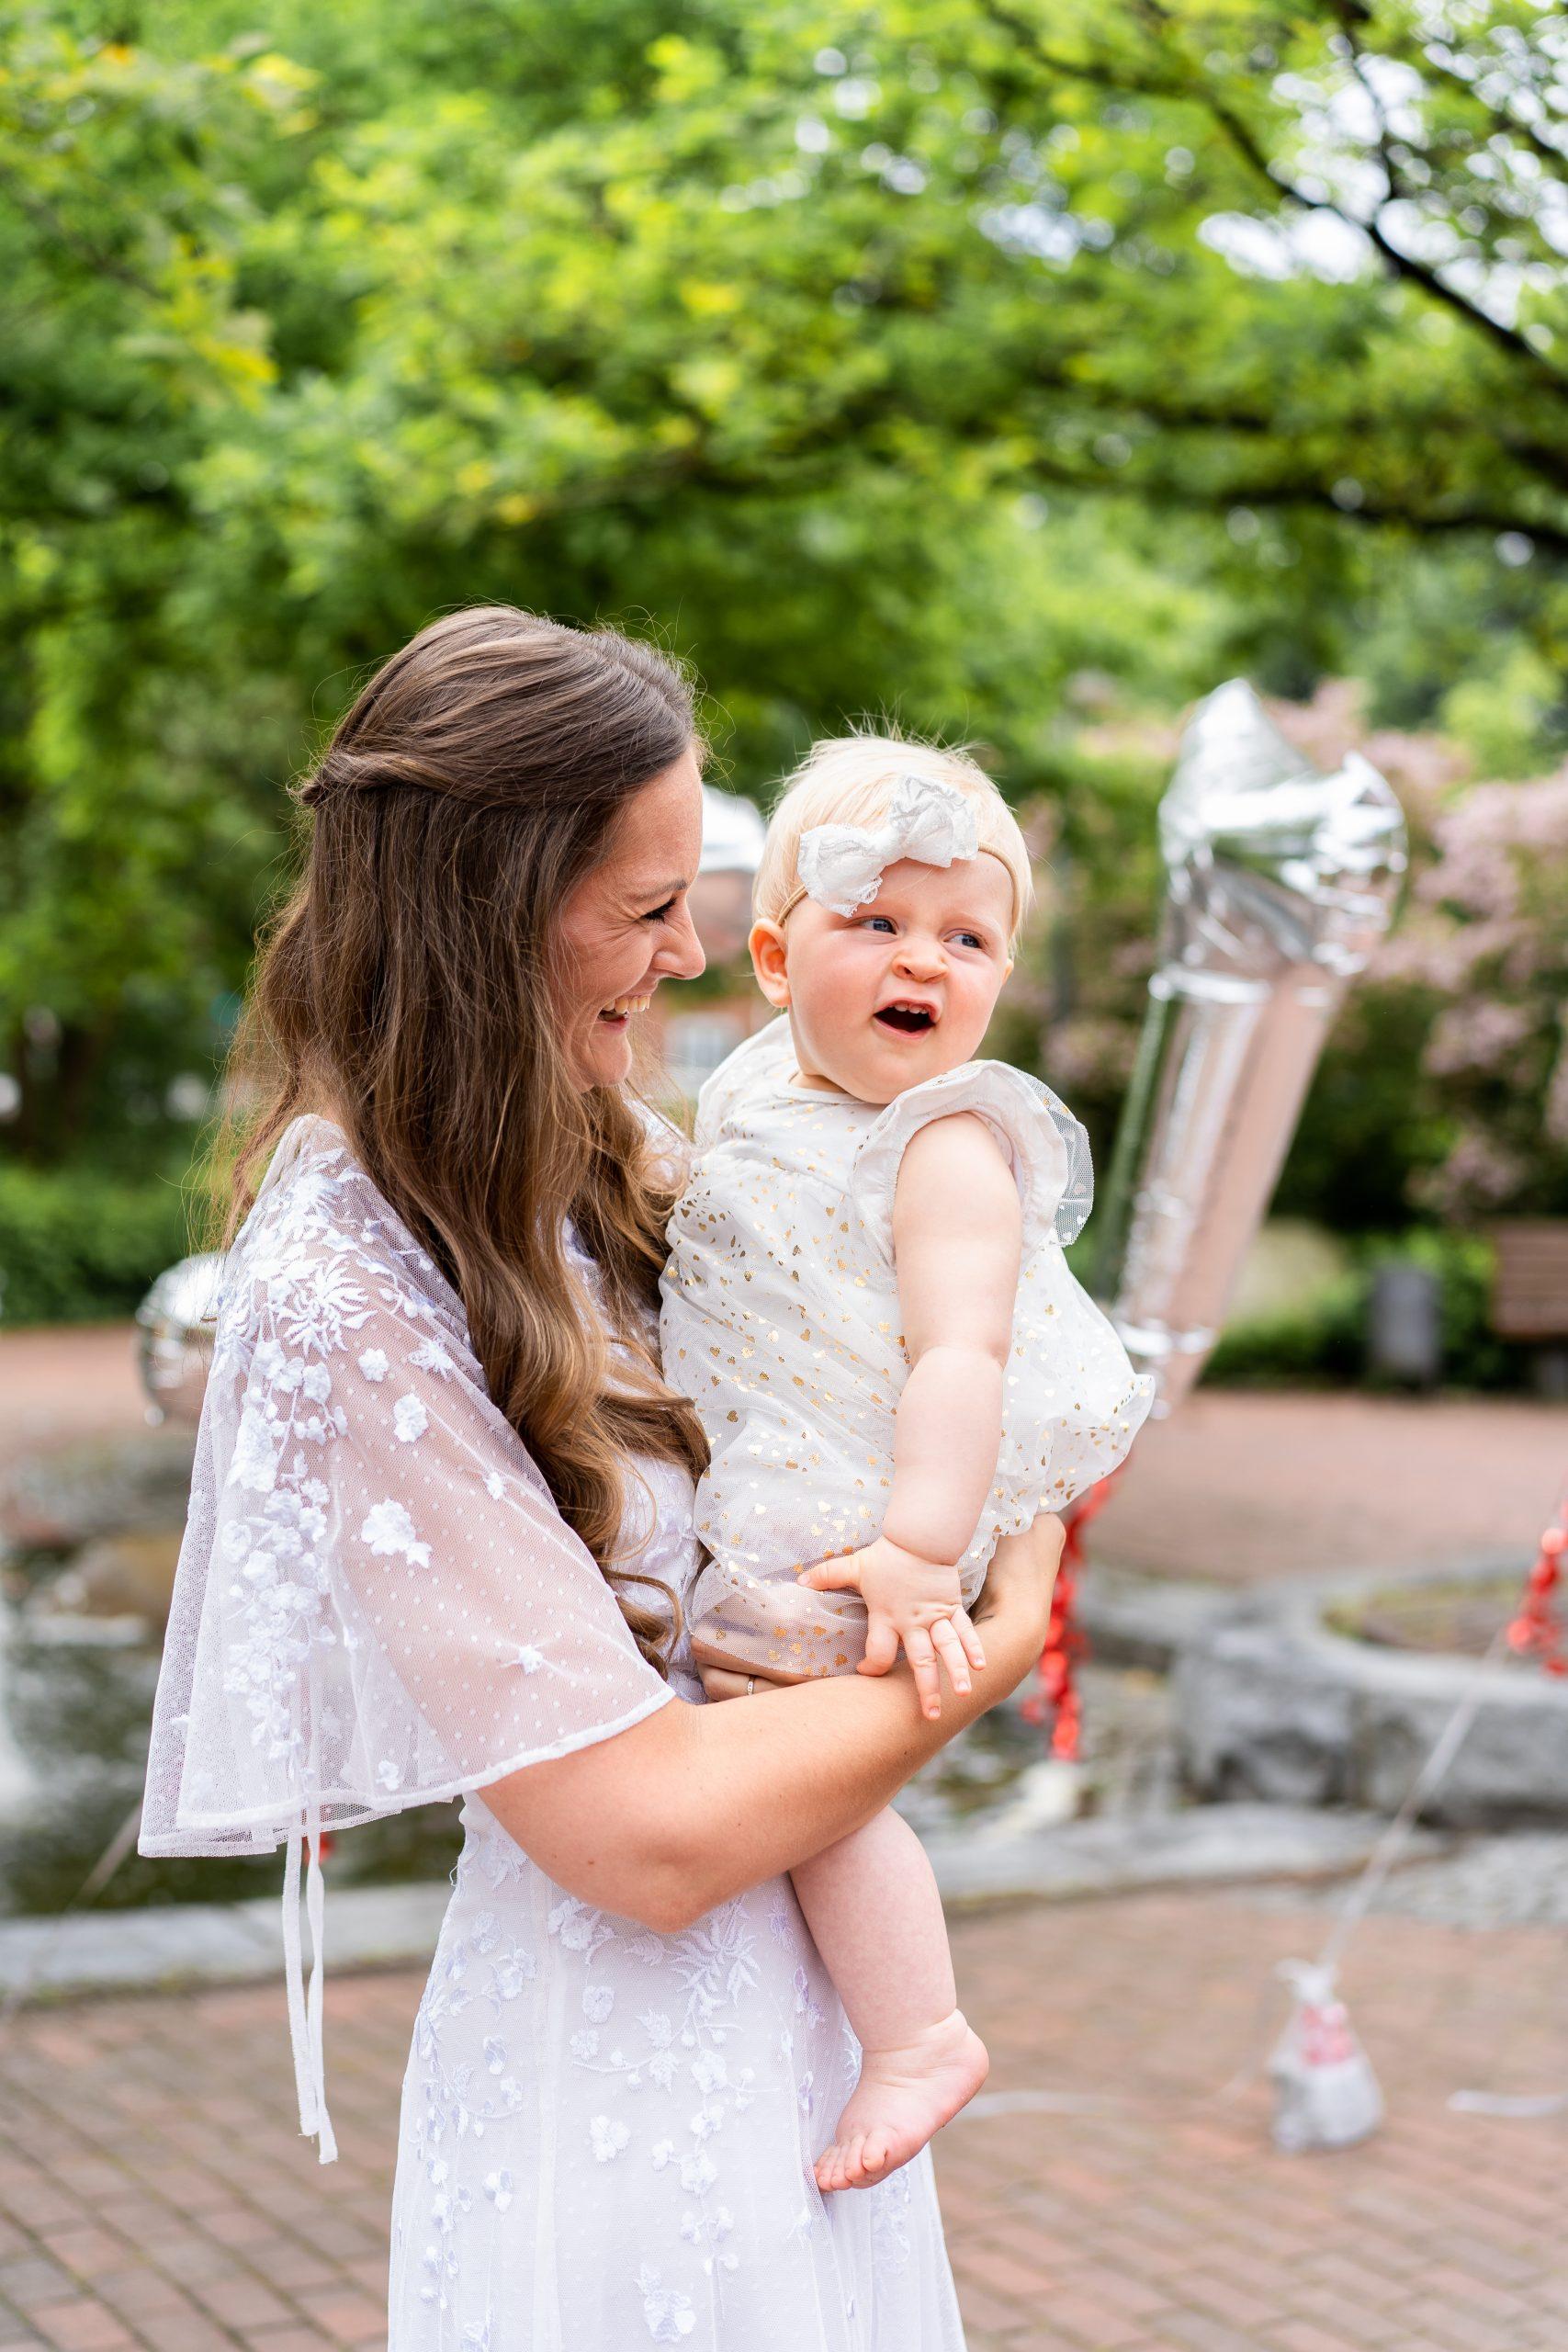 Braut Hochzeit Glücksmoment Kind Baby Hochzeitsbilder Weyhe